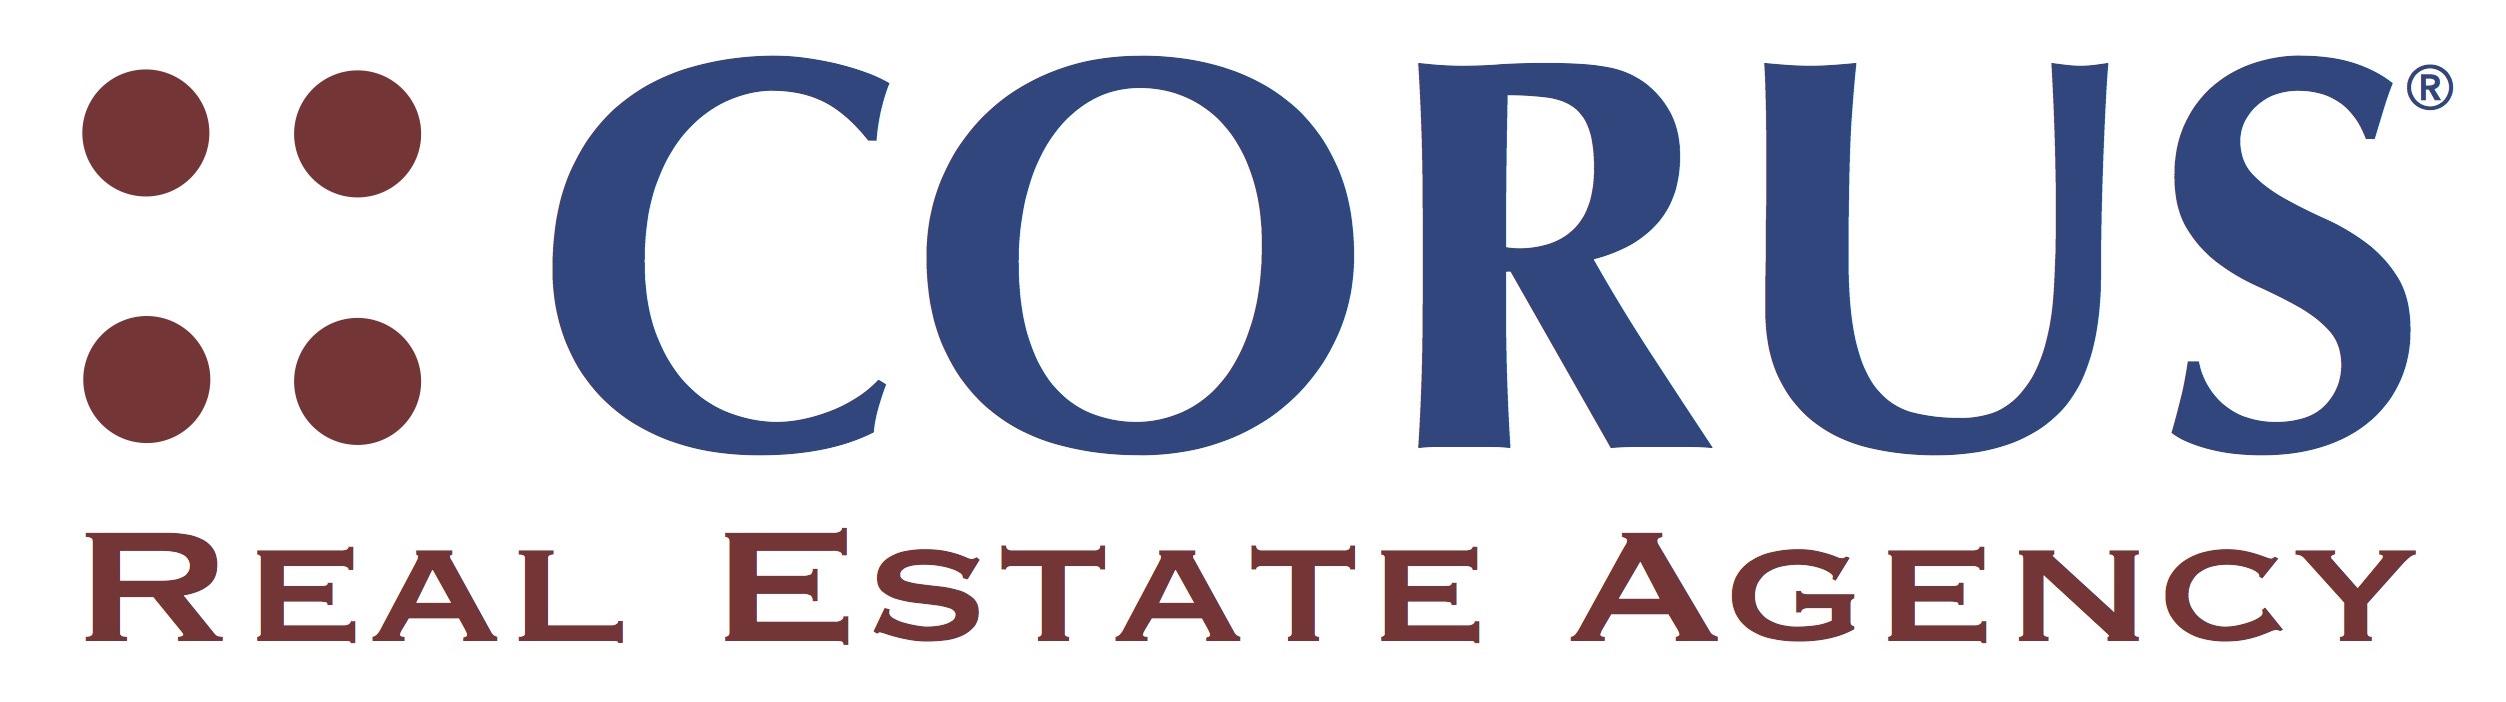 CORUS immobiliare real estate agency